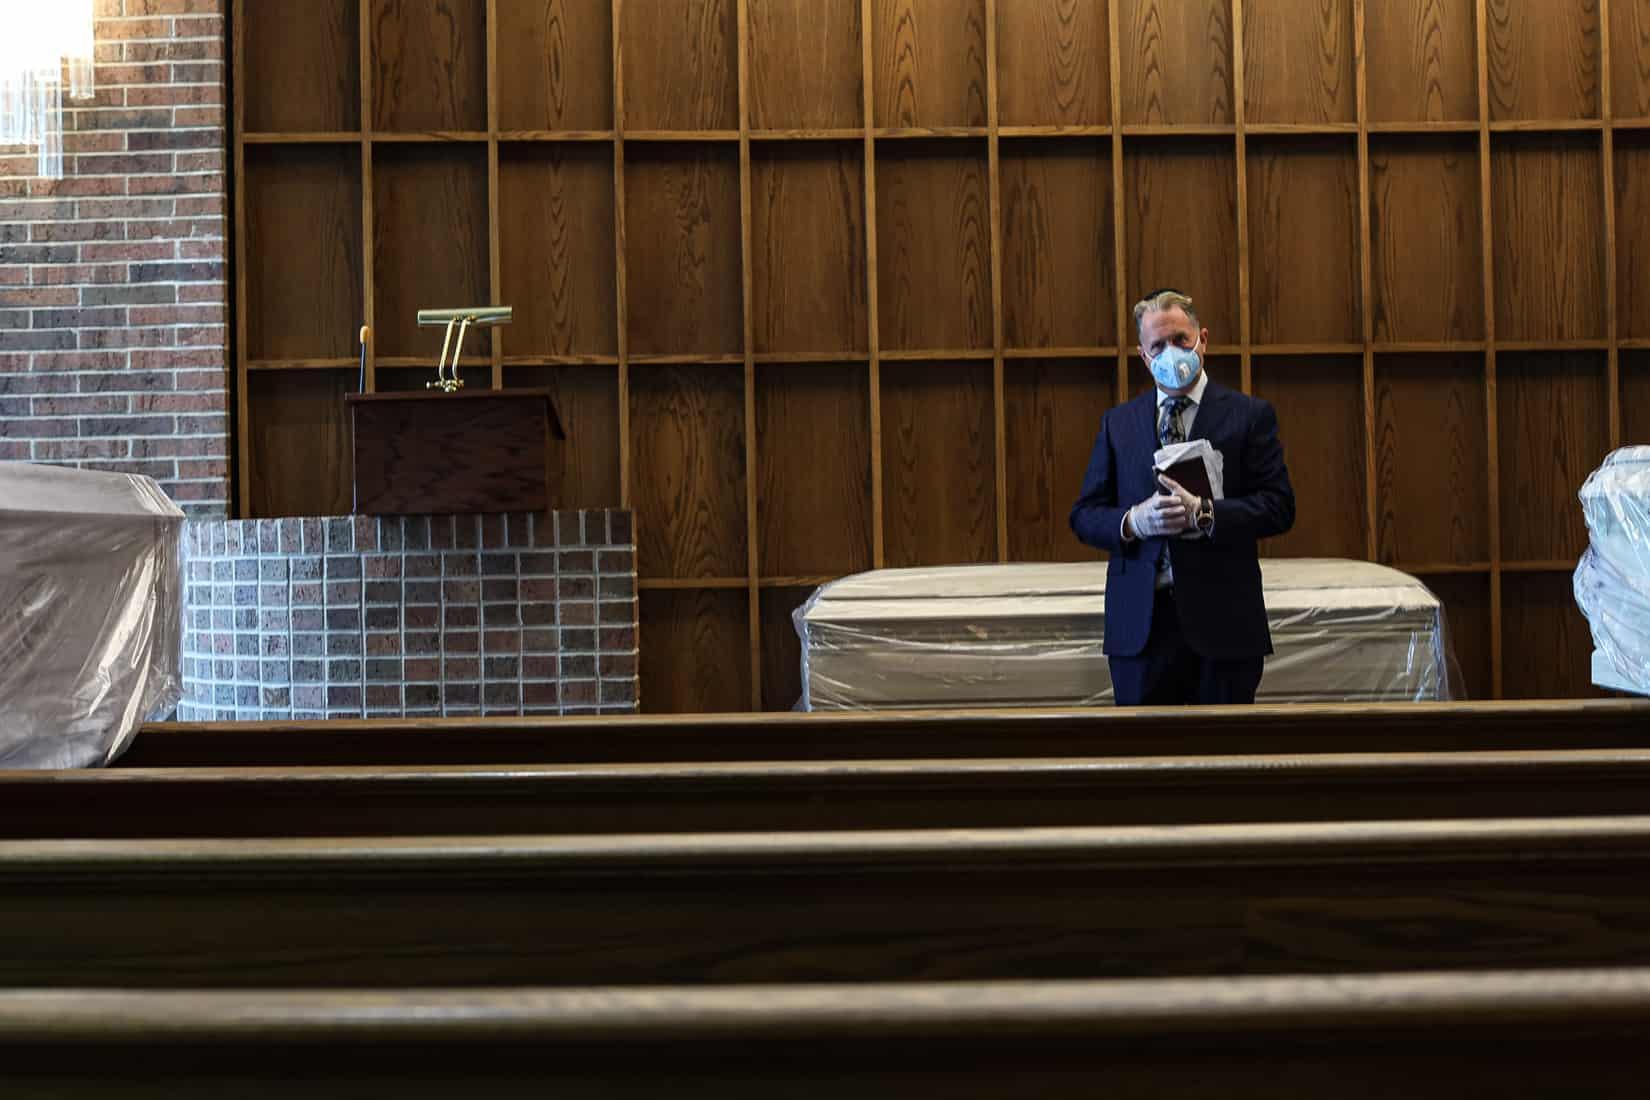 הרב גרג אקרמן עומד ליד נפטר בבית הלוויות גוטרמן. וודברי, ניו יורק. מאי, 2020 (צילום: Jonathan Alpeyrie/Polaris Images)